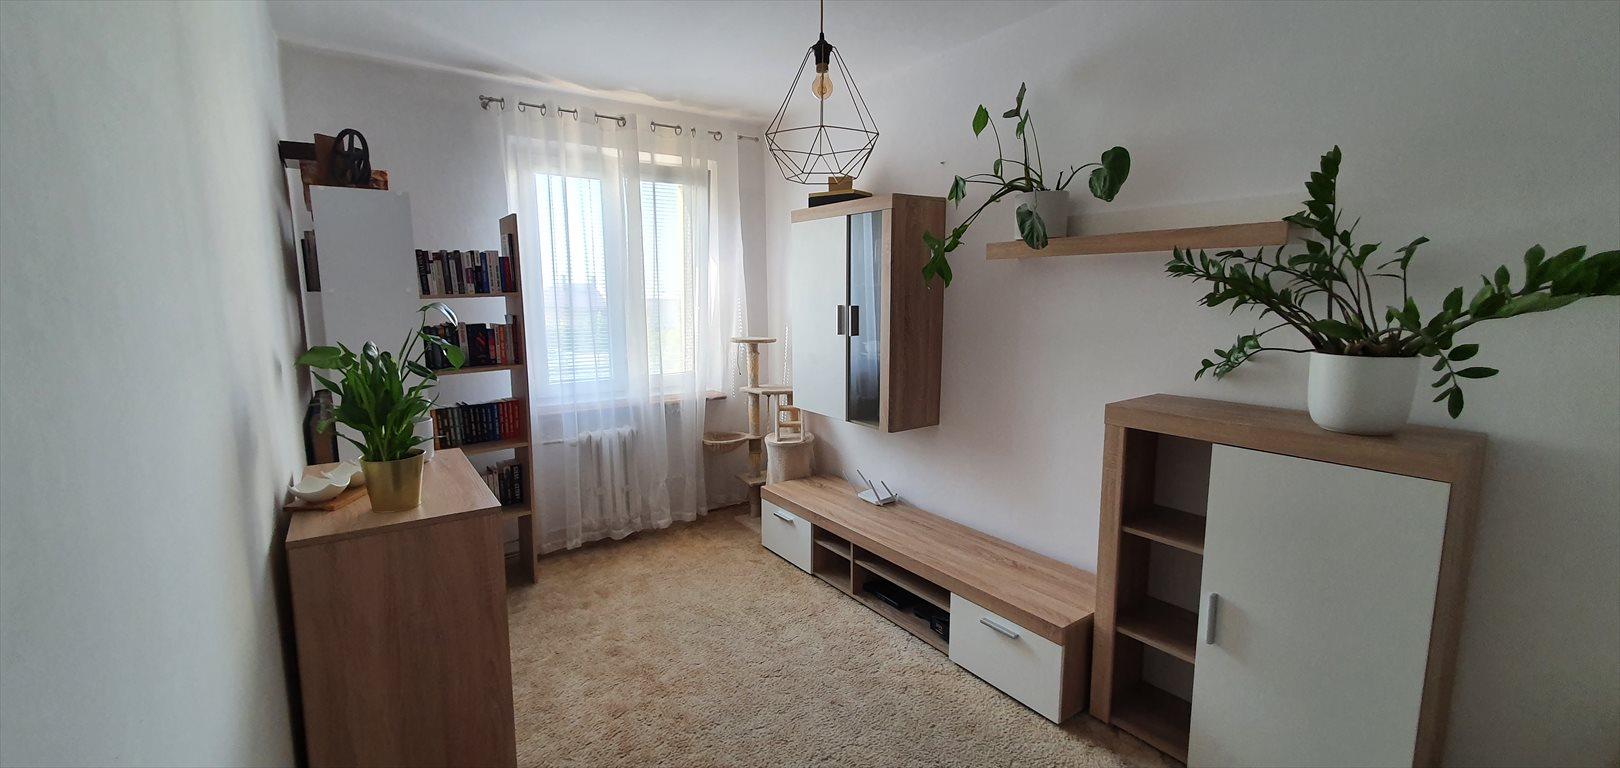 Mieszkanie dwupokojowe na sprzedaż Głogów Małopolski, Słoneczne, Piękna  67m2 Foto 2